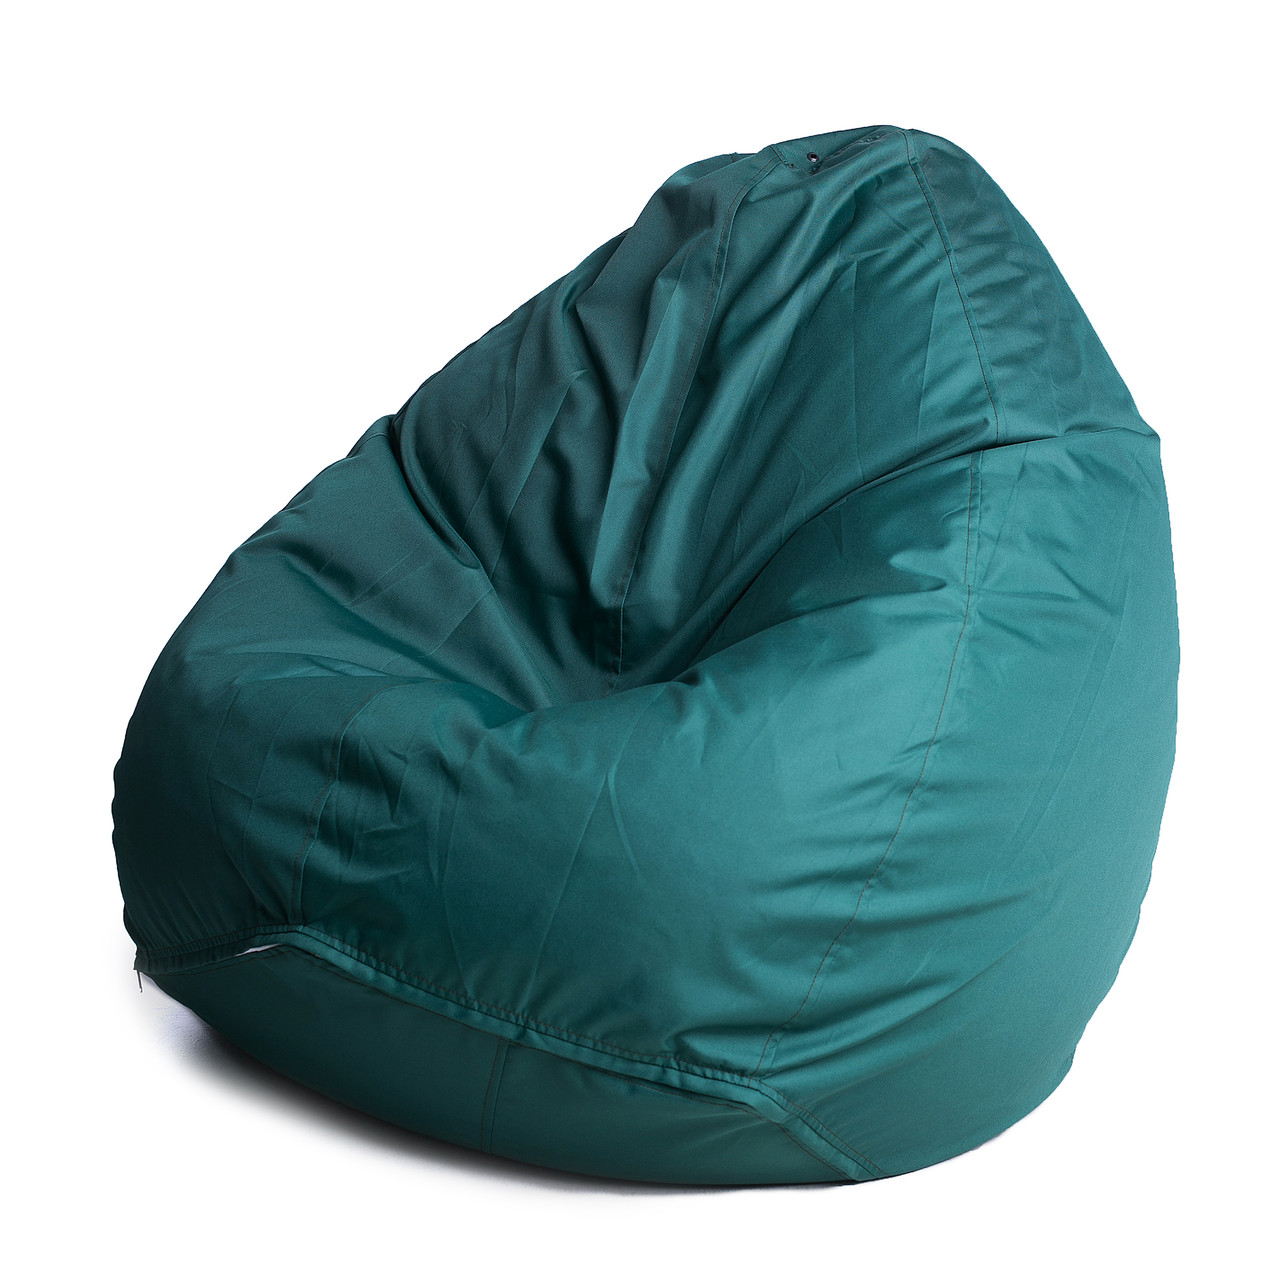 Кресло мешок груша с внутренним чехлом | Ткань Oxford XXL (Высота 130 см, ширина 90 см), Зеленый